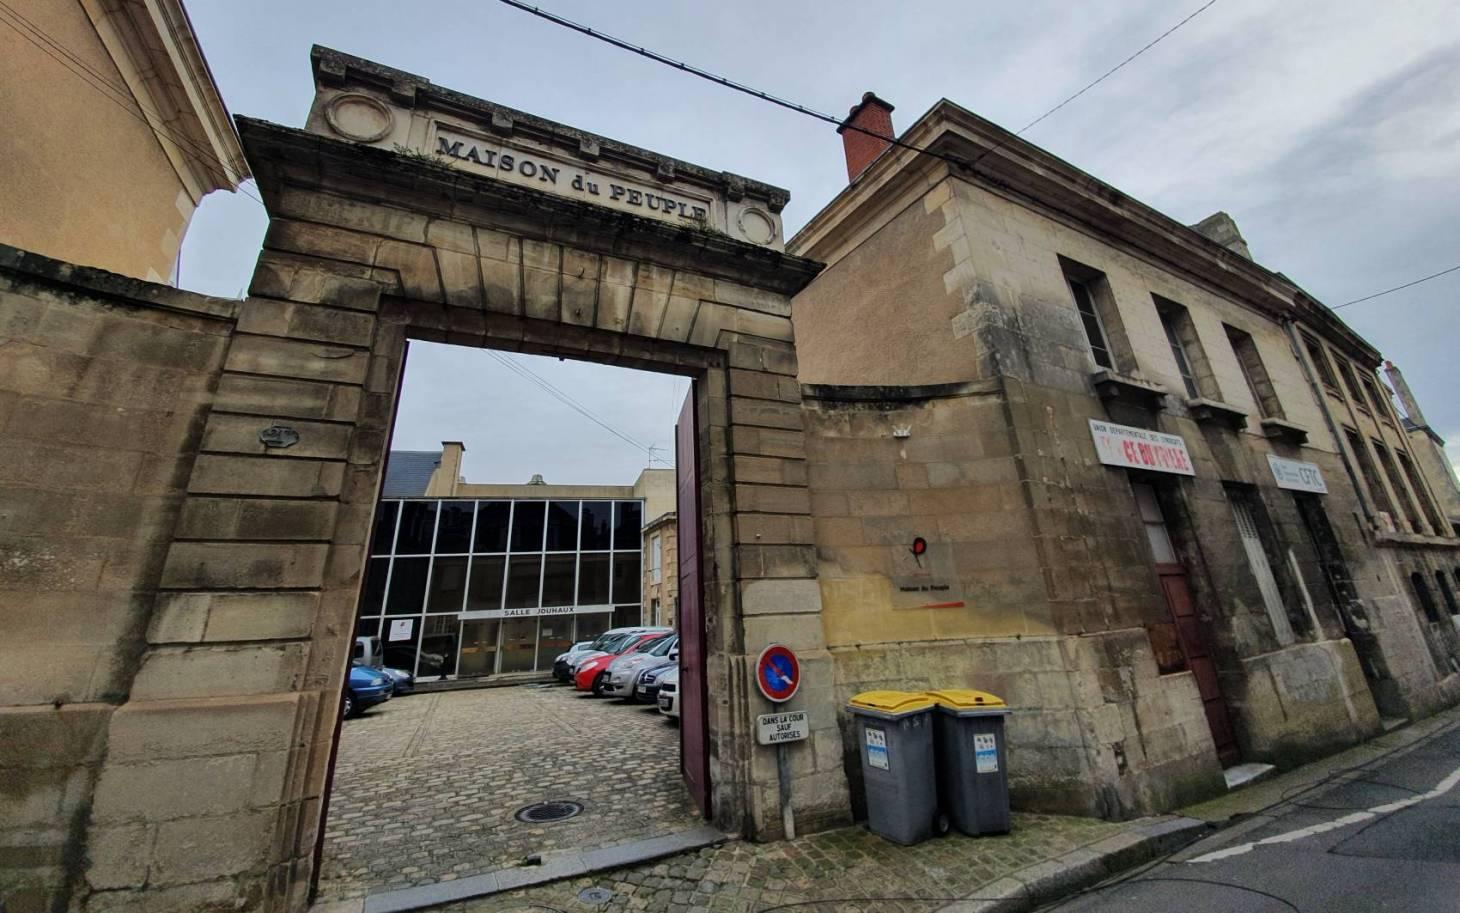 Poitiers - La Maison du peuple d'hier à demain